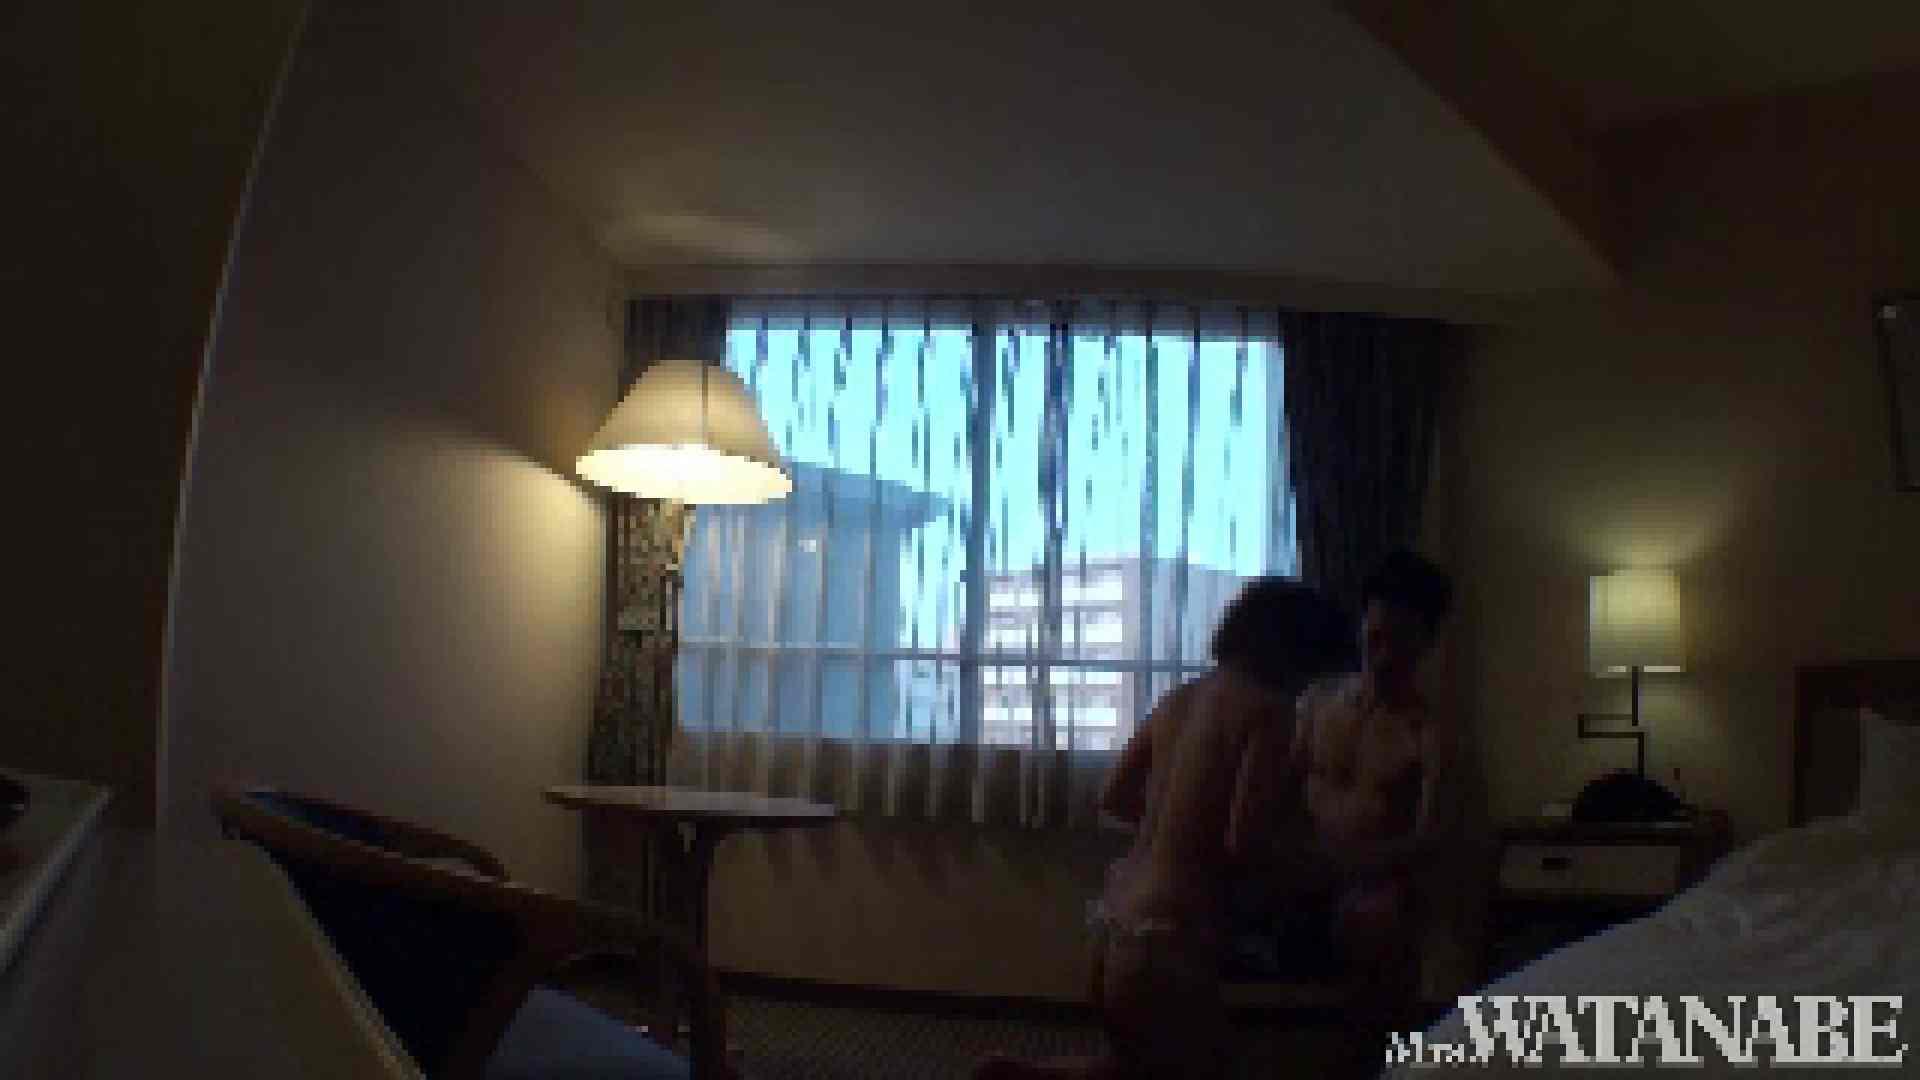 撮影スタッフを誘惑する痴熟女 かおり40歳 Vol.03 OLのエッチ  93pic 84